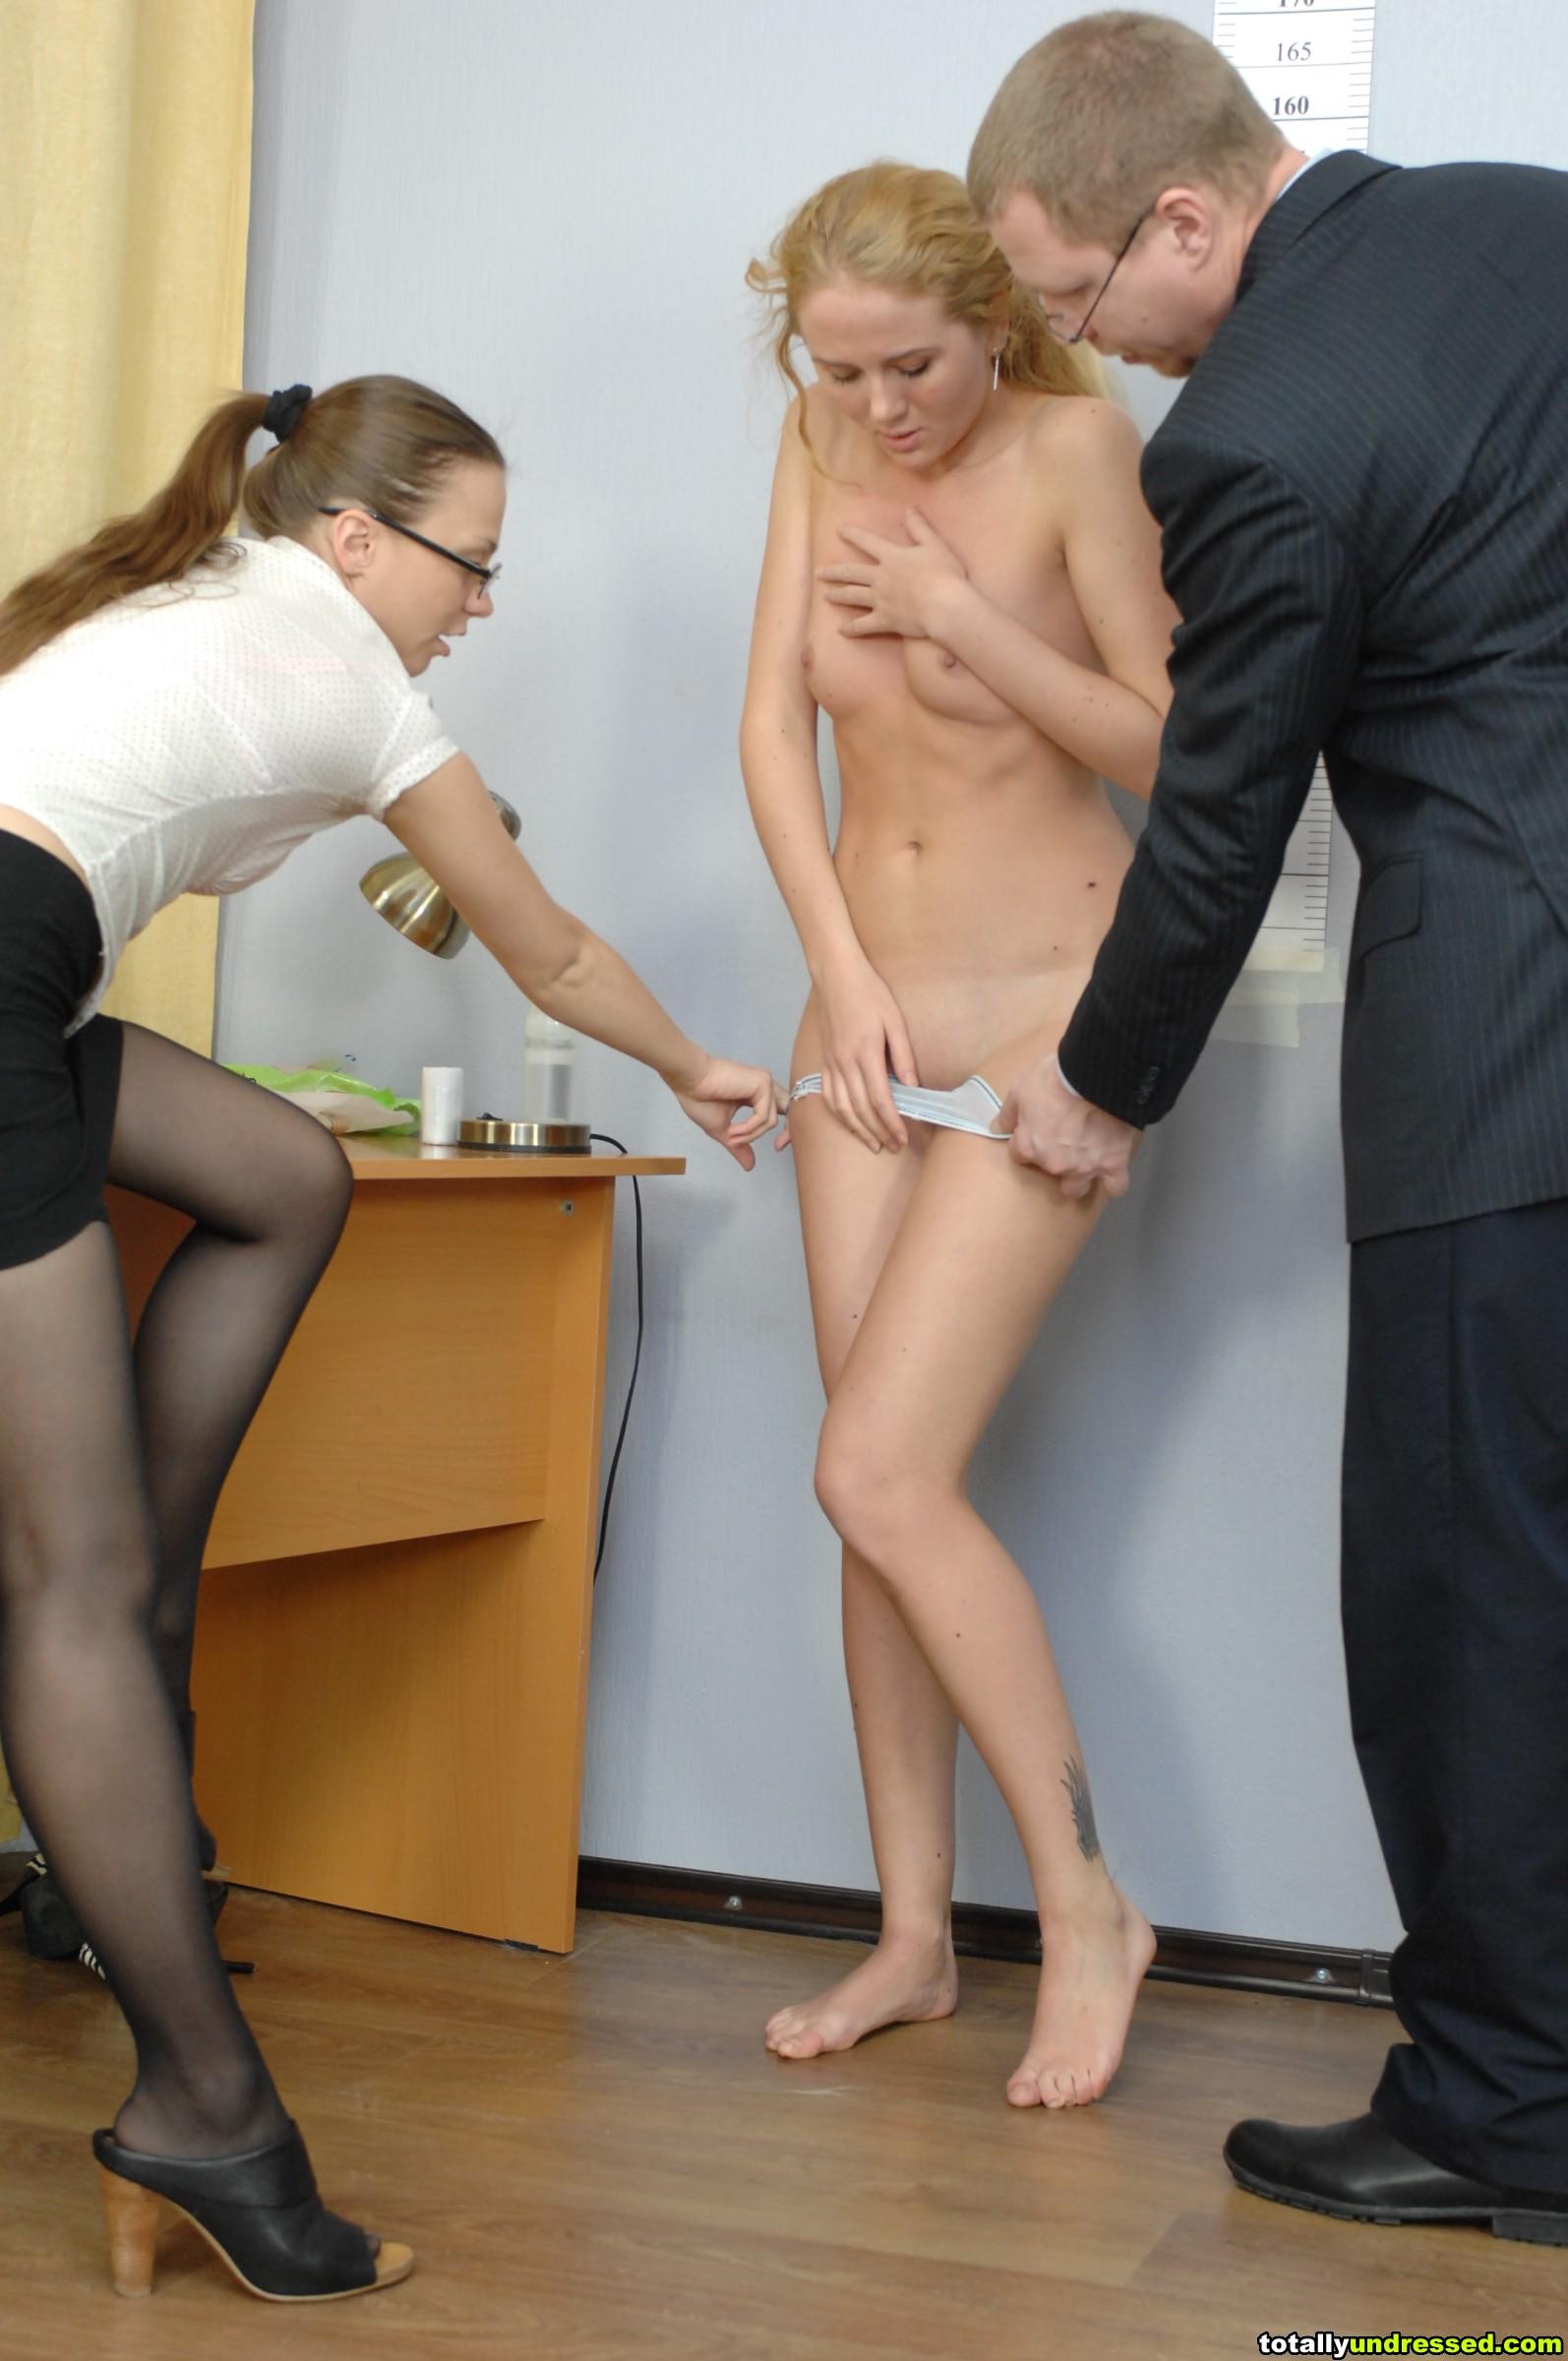 Русское порно с сюжетом подчинение и унижение 5 фотография